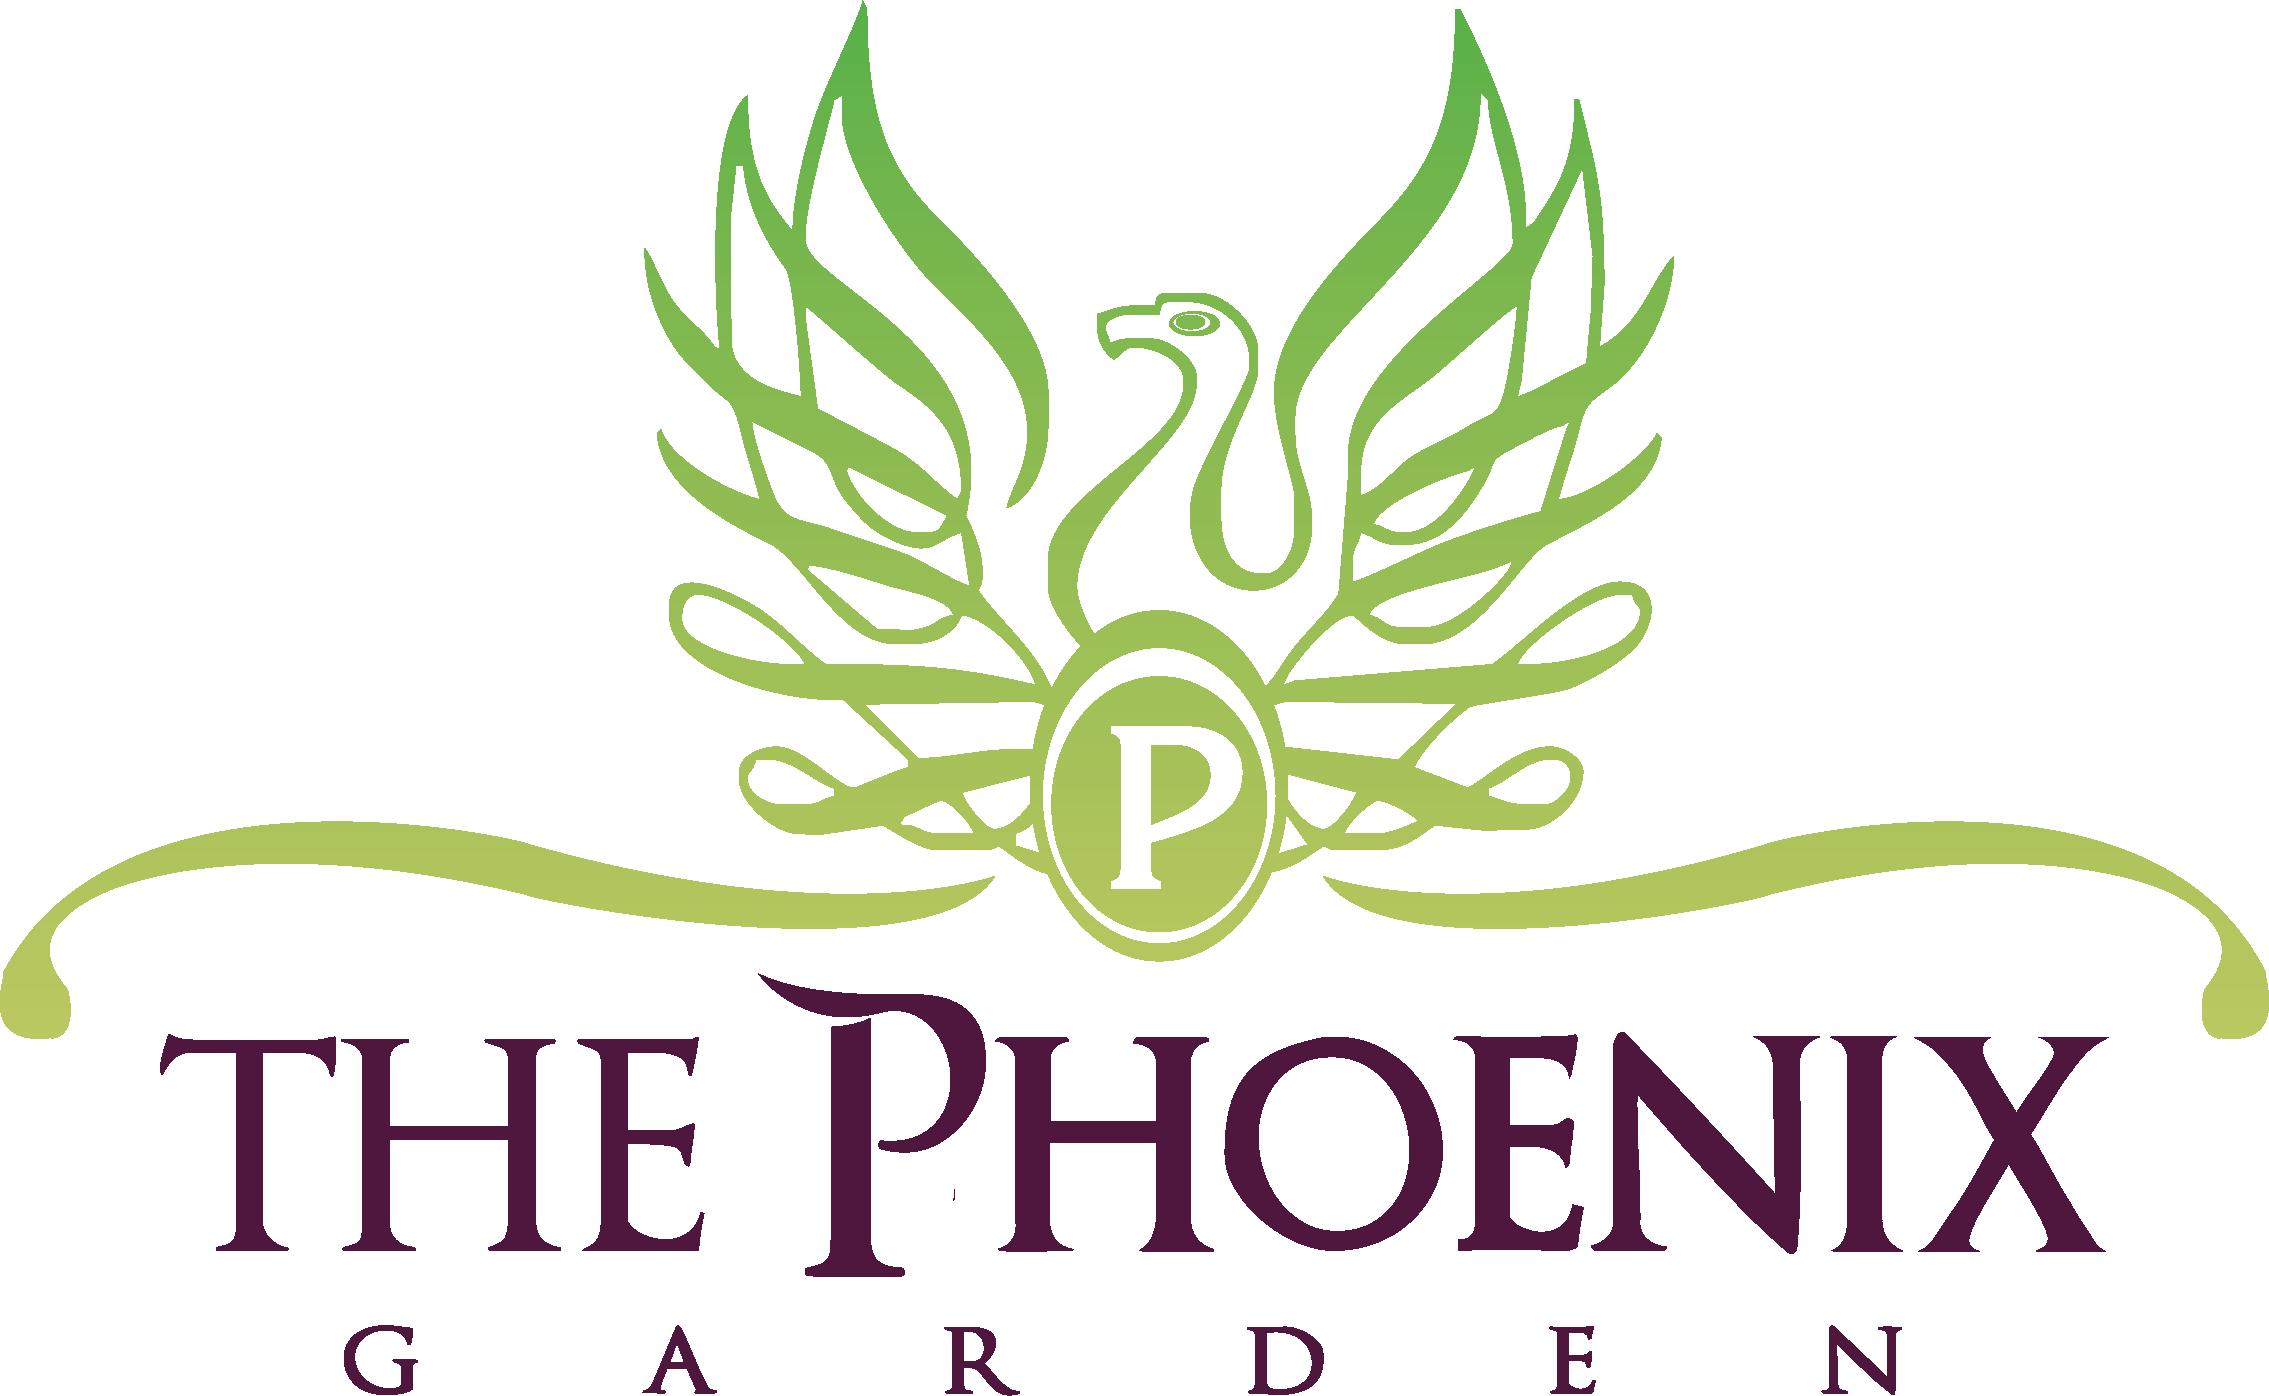 Dự án biệt thự The Phoenix Garden Đan Phượng Hà Nội